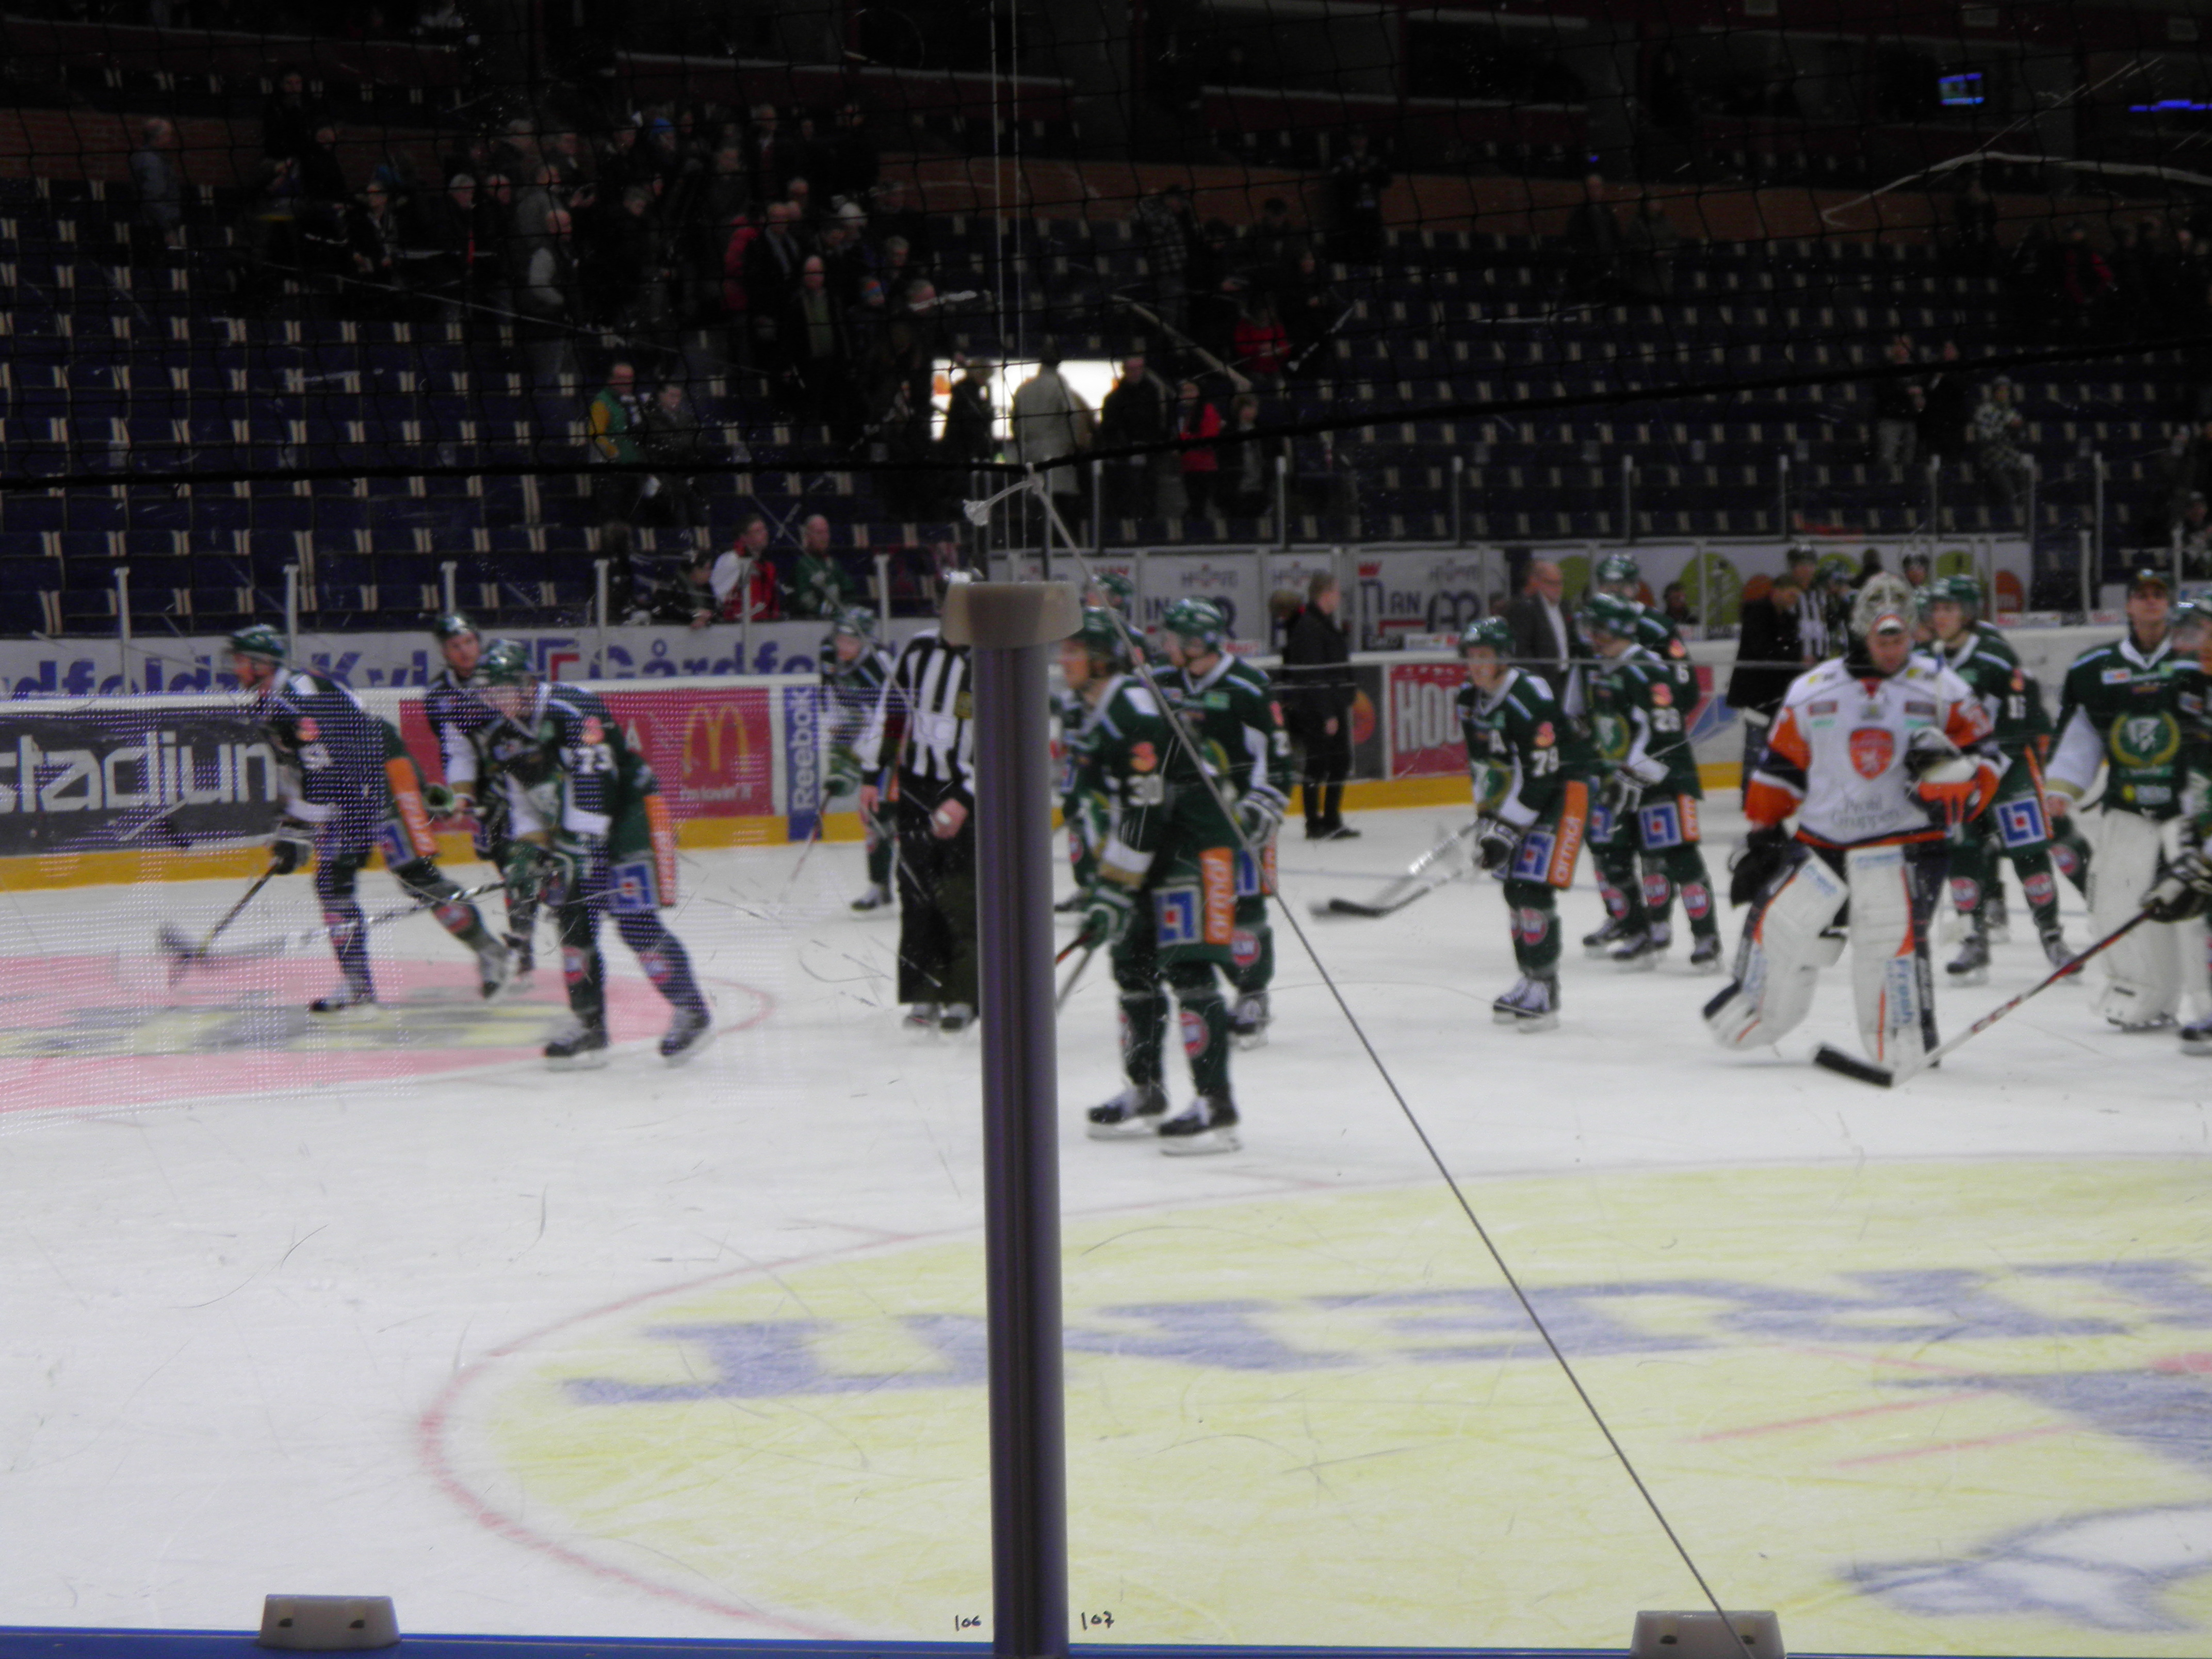 Färjestadsspelarna tackar publiken efter vinsten mot Växjö Foto: Marie Angle/fbkbloggen